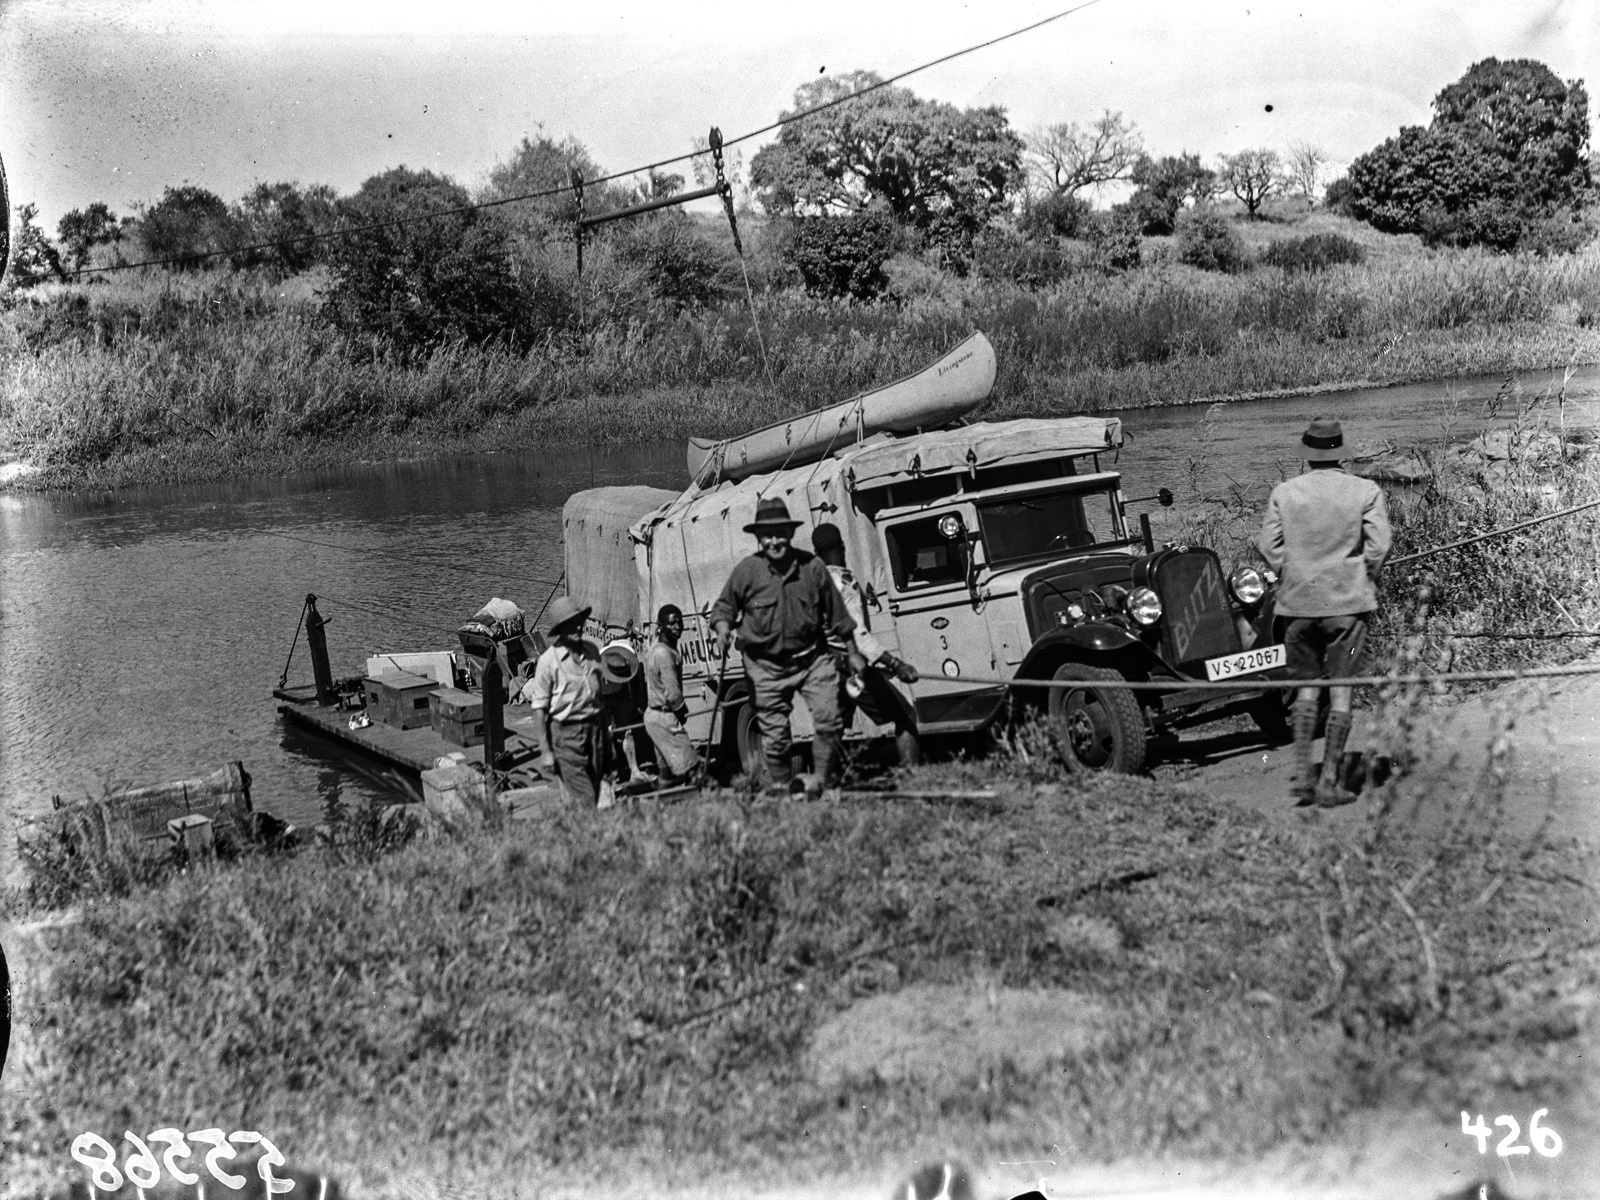 Малалане. Реакционный паром, используемый для перевозки через реку.  Грузовик выволакивают на берег